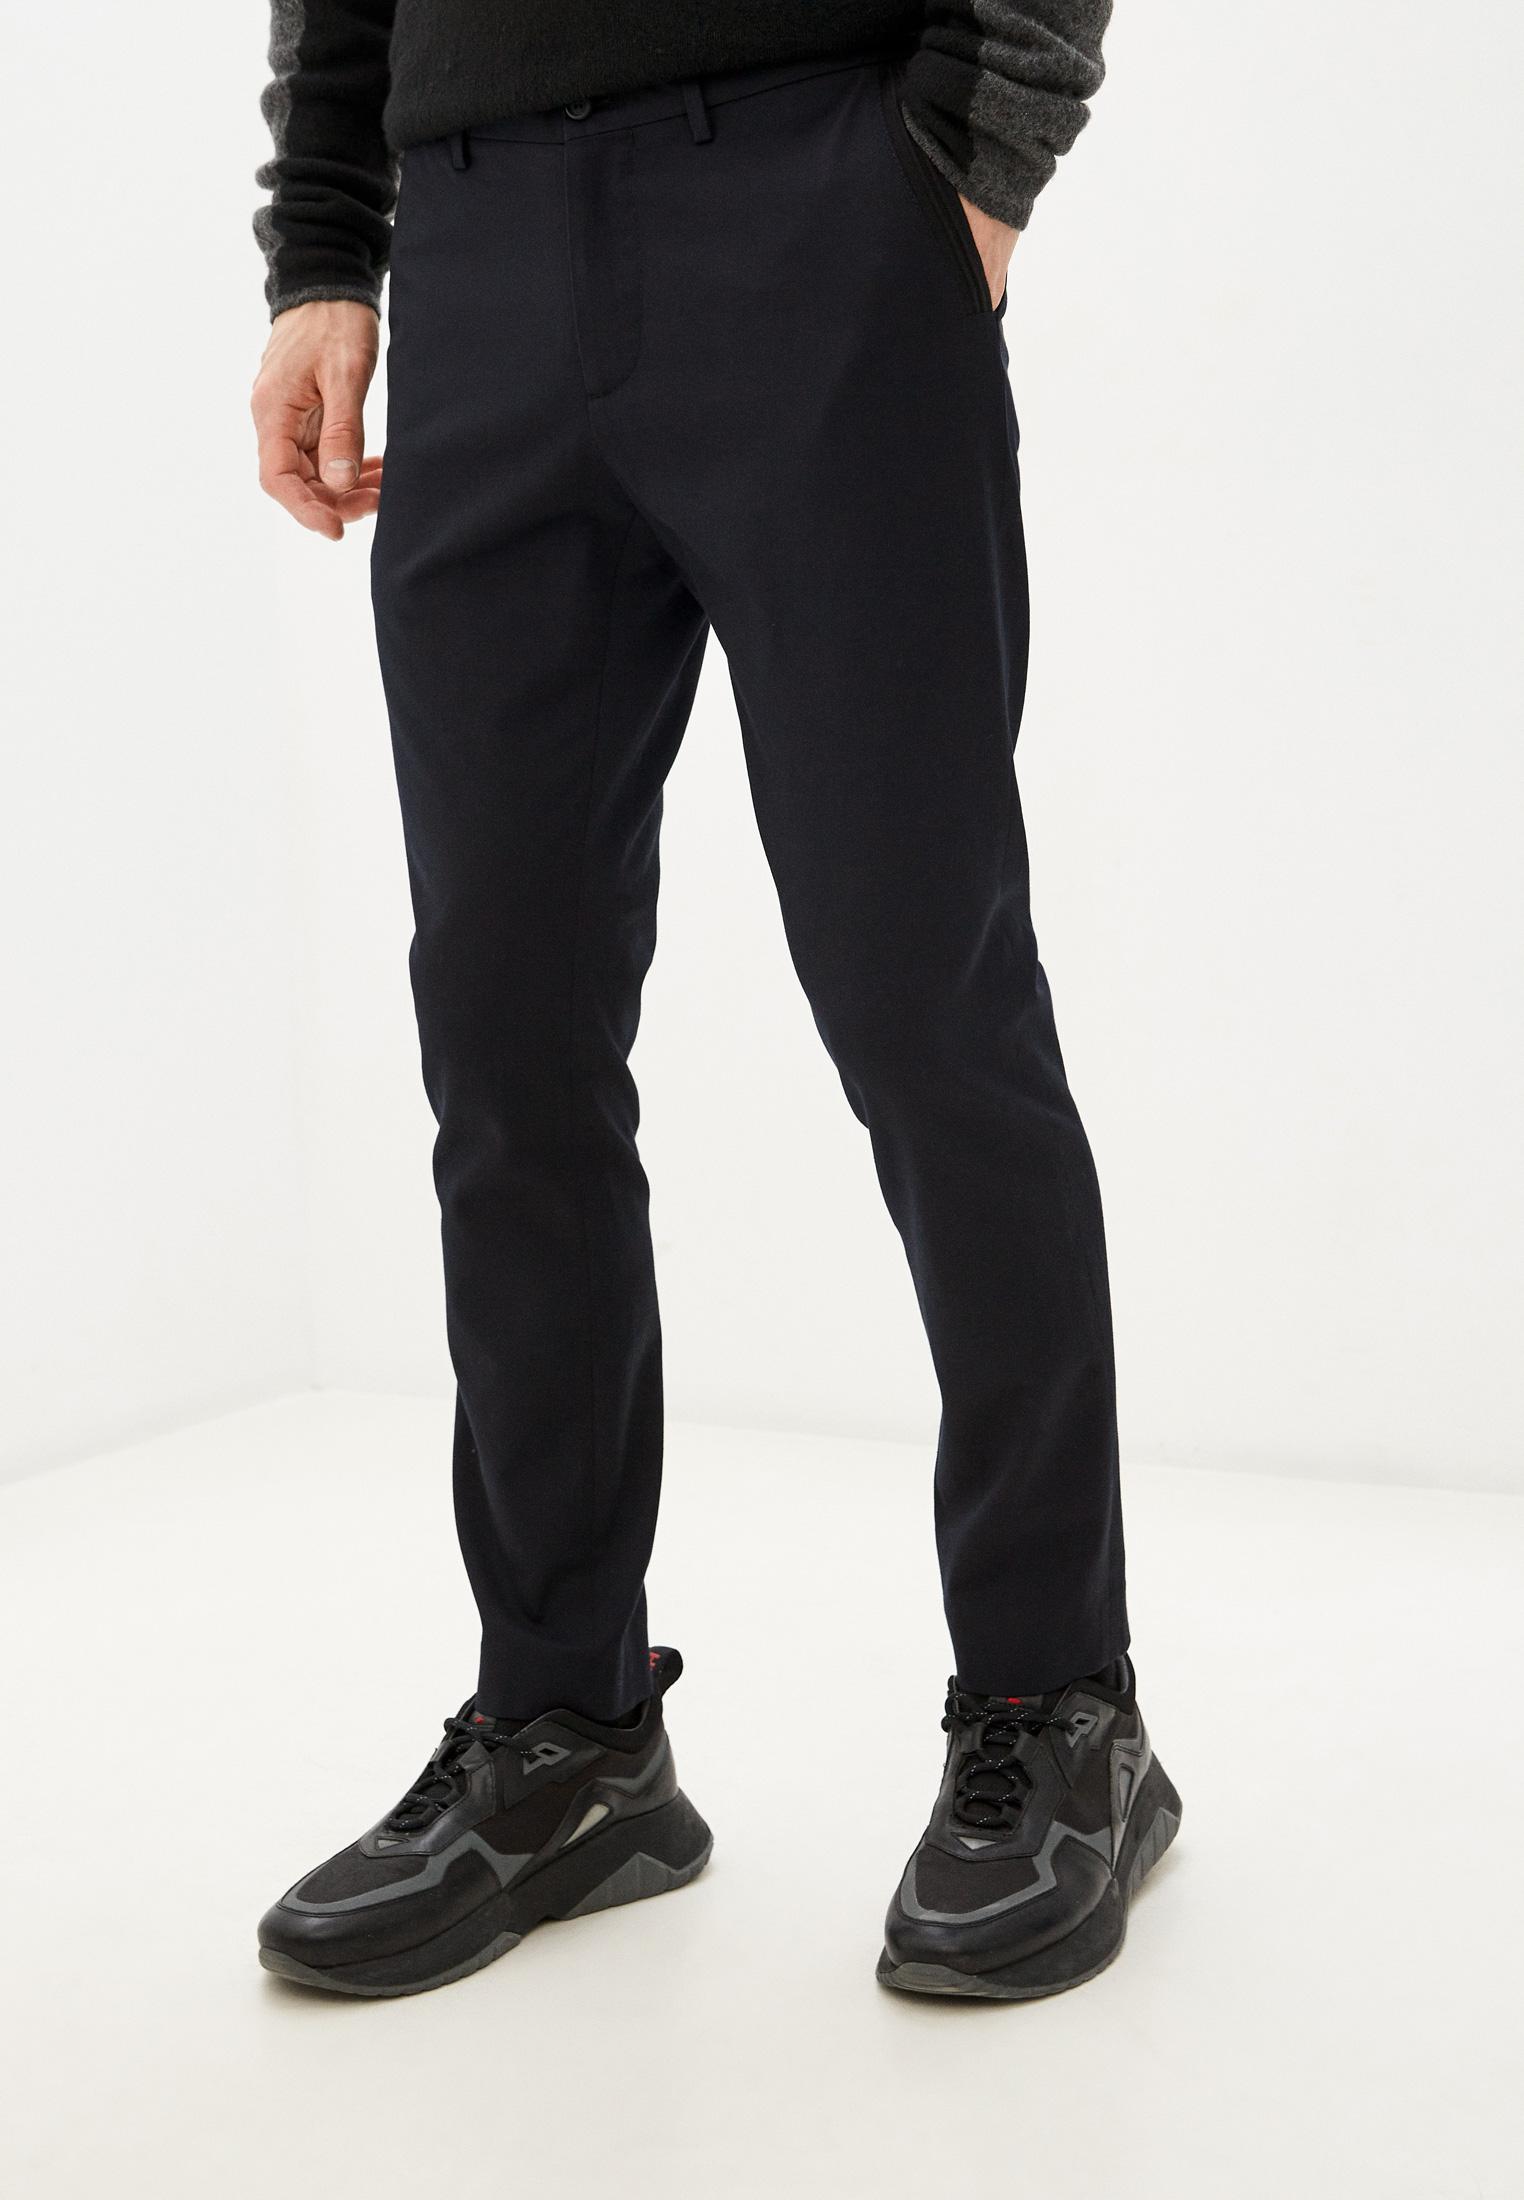 Мужские брюки Bikkembergs (Биккембергс) C P 008 00 S 2920